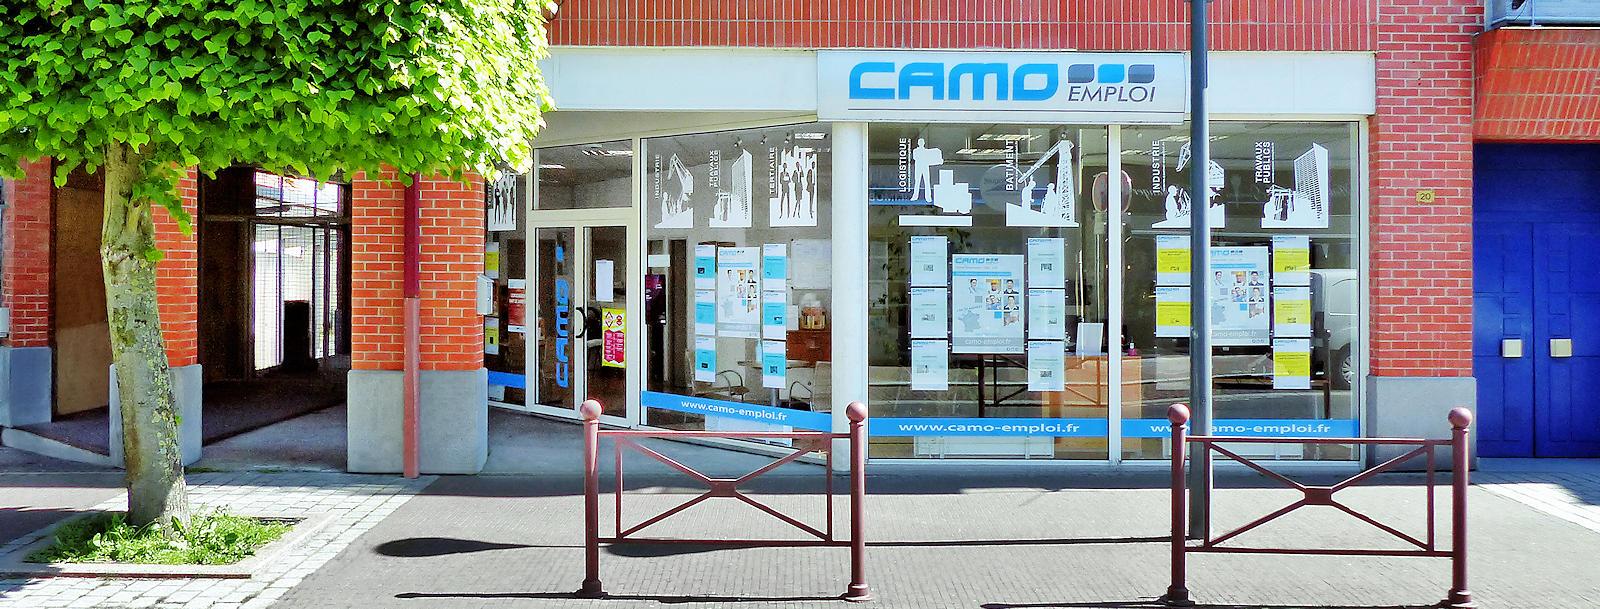 CAMO Emploi, Tourcoing Centre